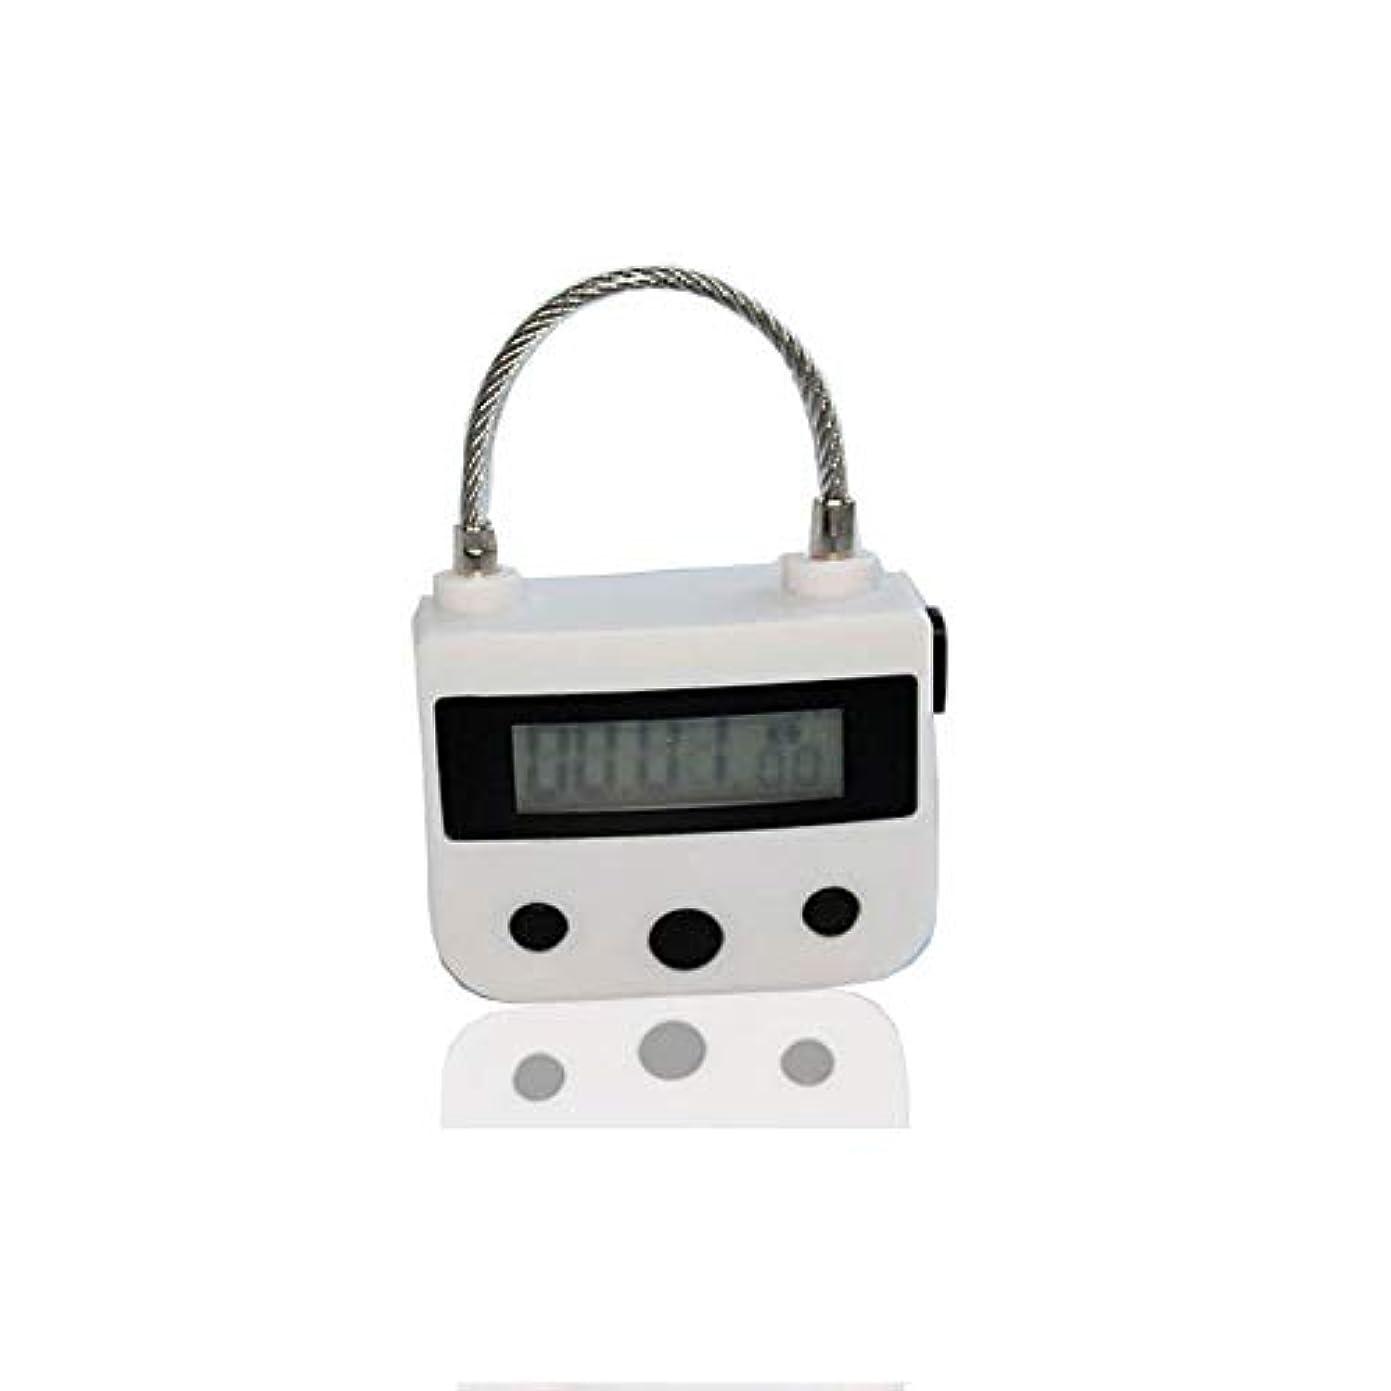 リスキーな対話会計電気マッサージ器A、タイマー南京錠USB充電式マッサージマニュアルAインパクト、電子タイマー時限ロックマルチファンクションロックはLCDディスプレイと一緒に旅行をダウンロード,白